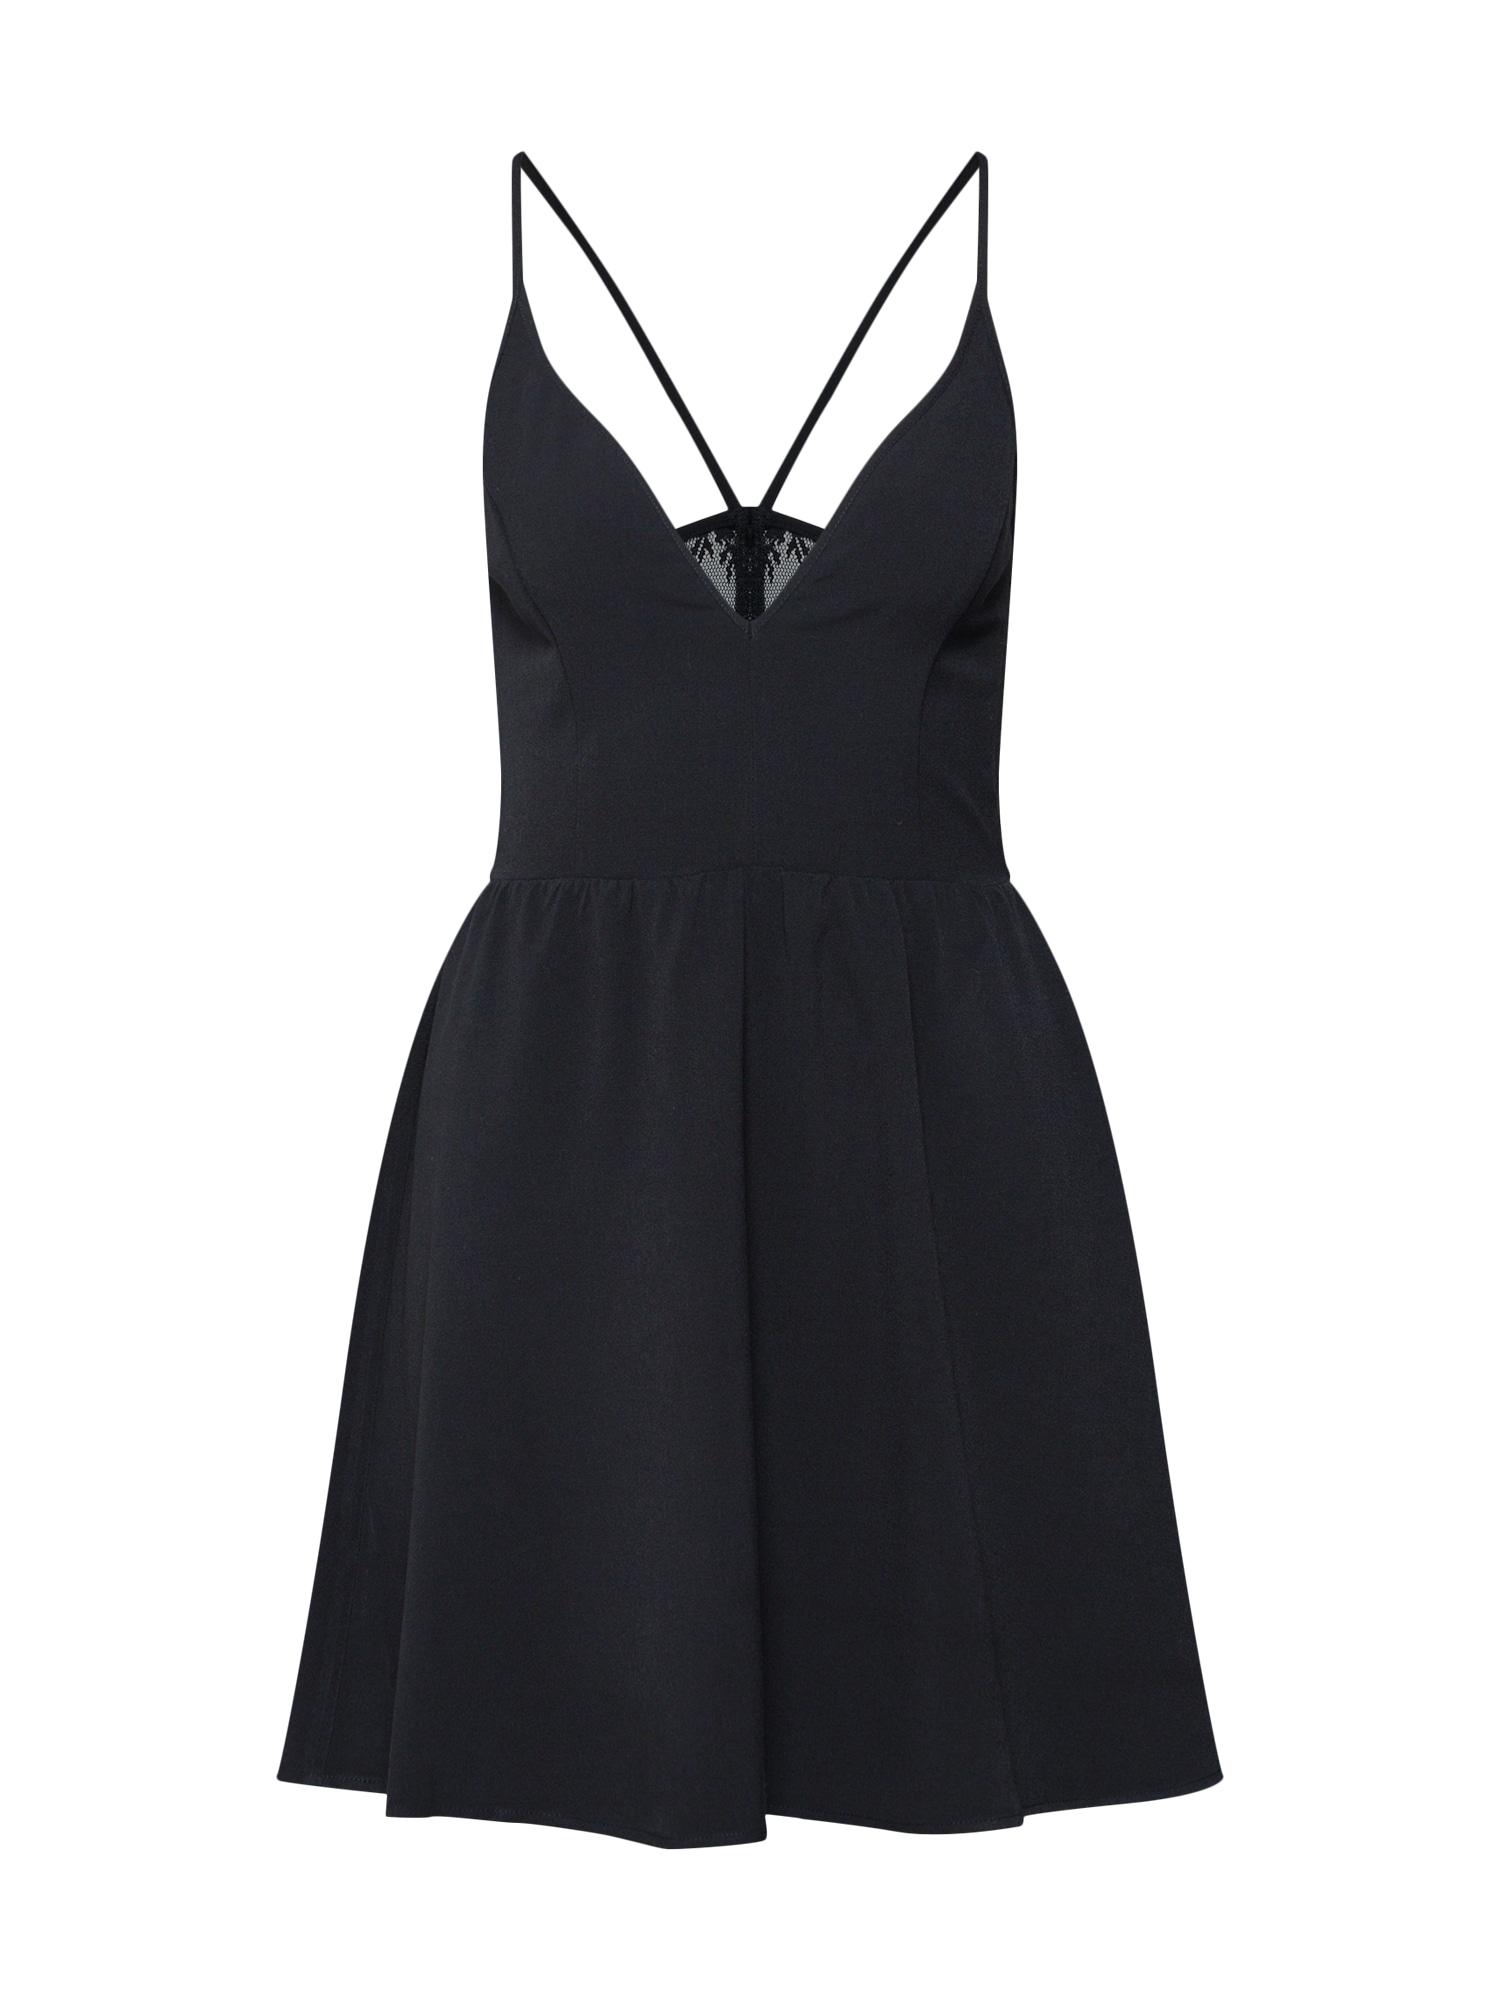 Koktejlové šaty EV4_FW18_2-1-C_103 černá Even&odd